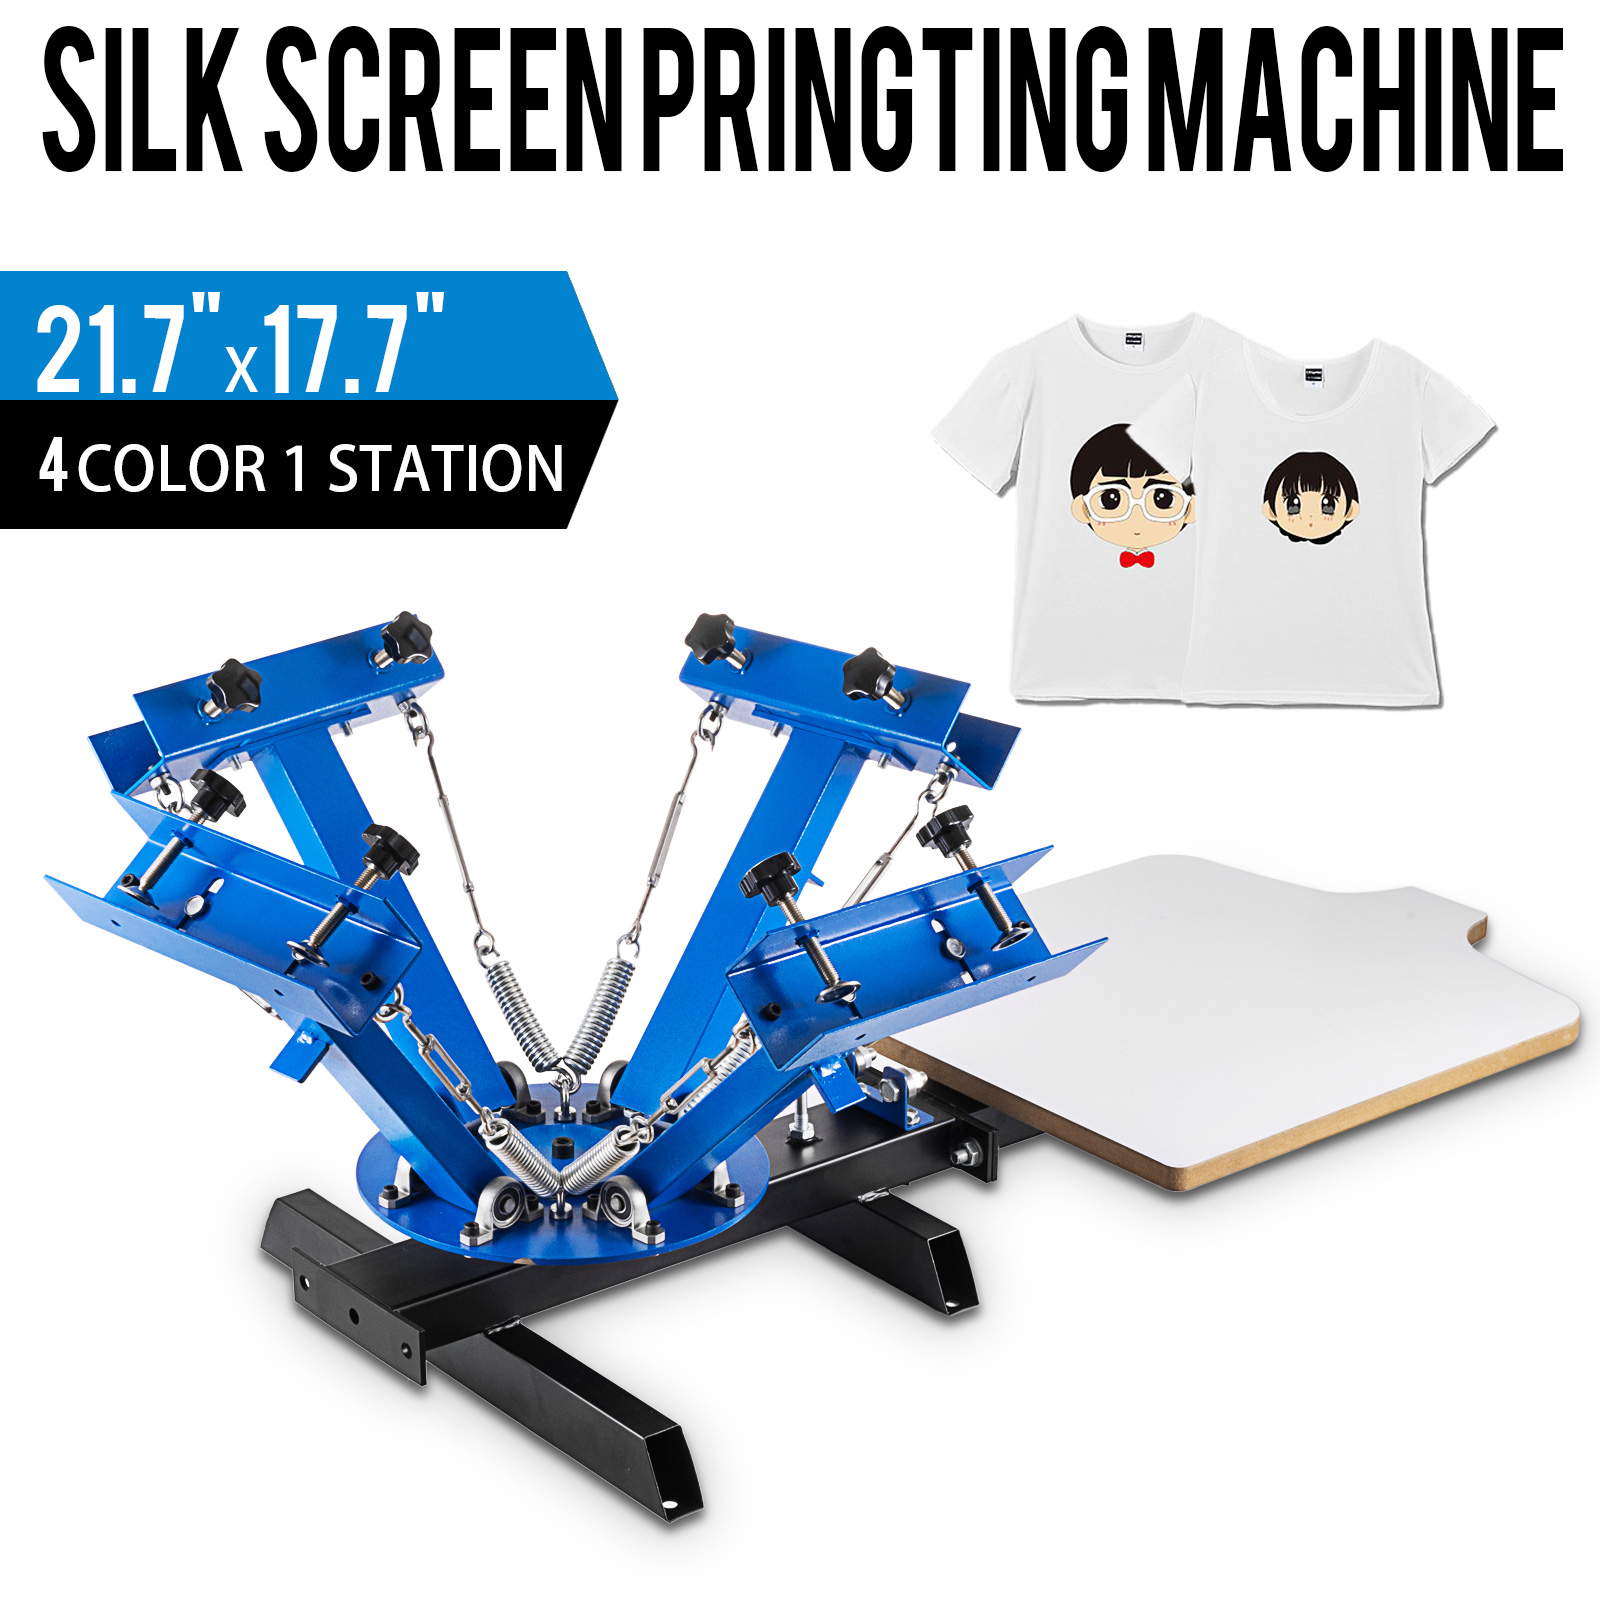 4 Farbe Siebdruck Druckmaschine 1 Station Presse Drucker DIY Shirt Ausrüstung